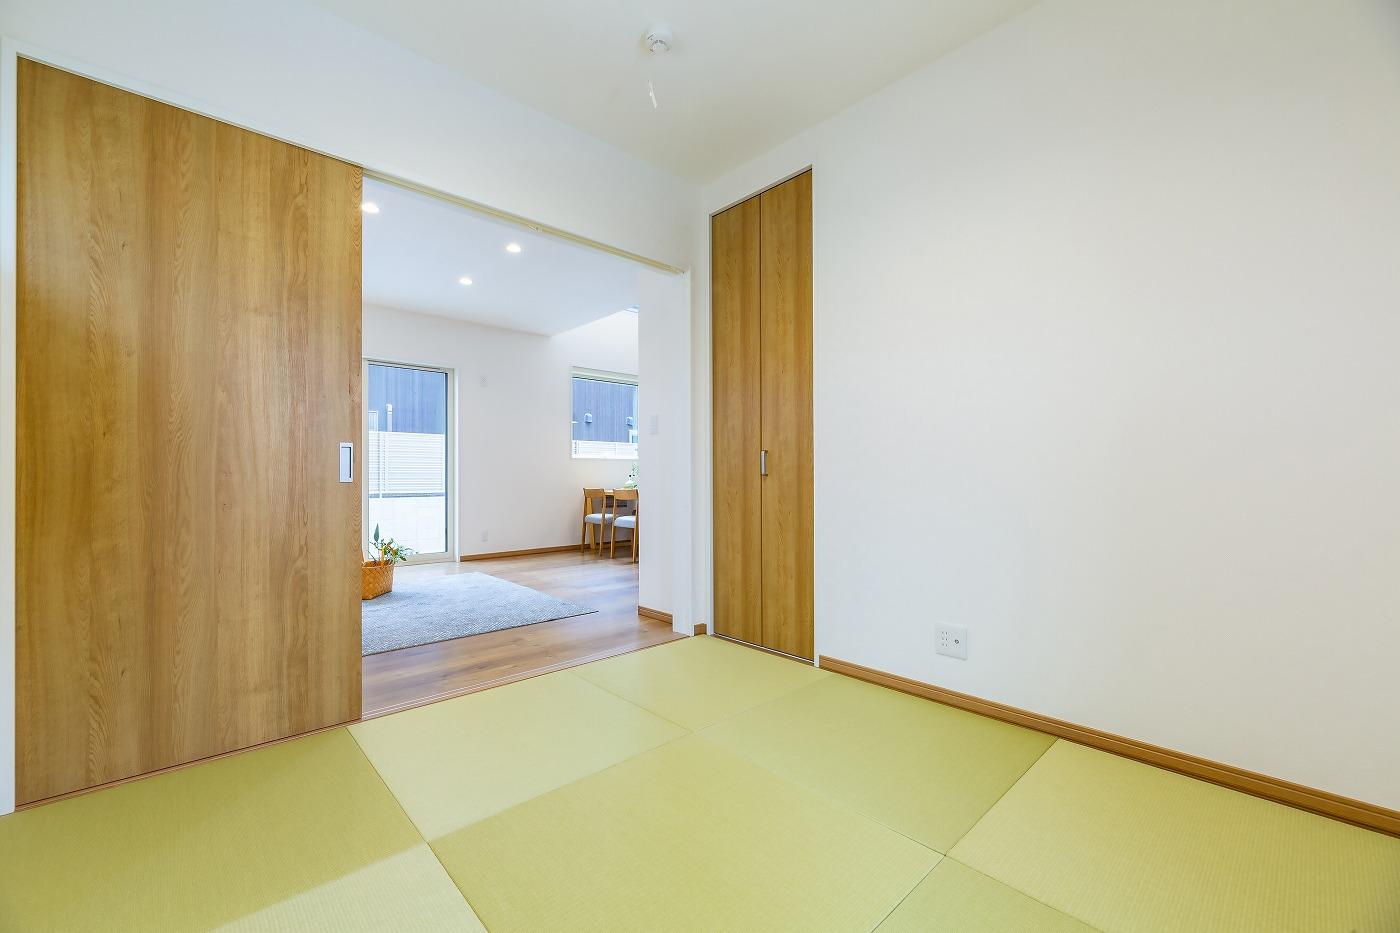 高松市松縄町の新築分譲住宅の和室